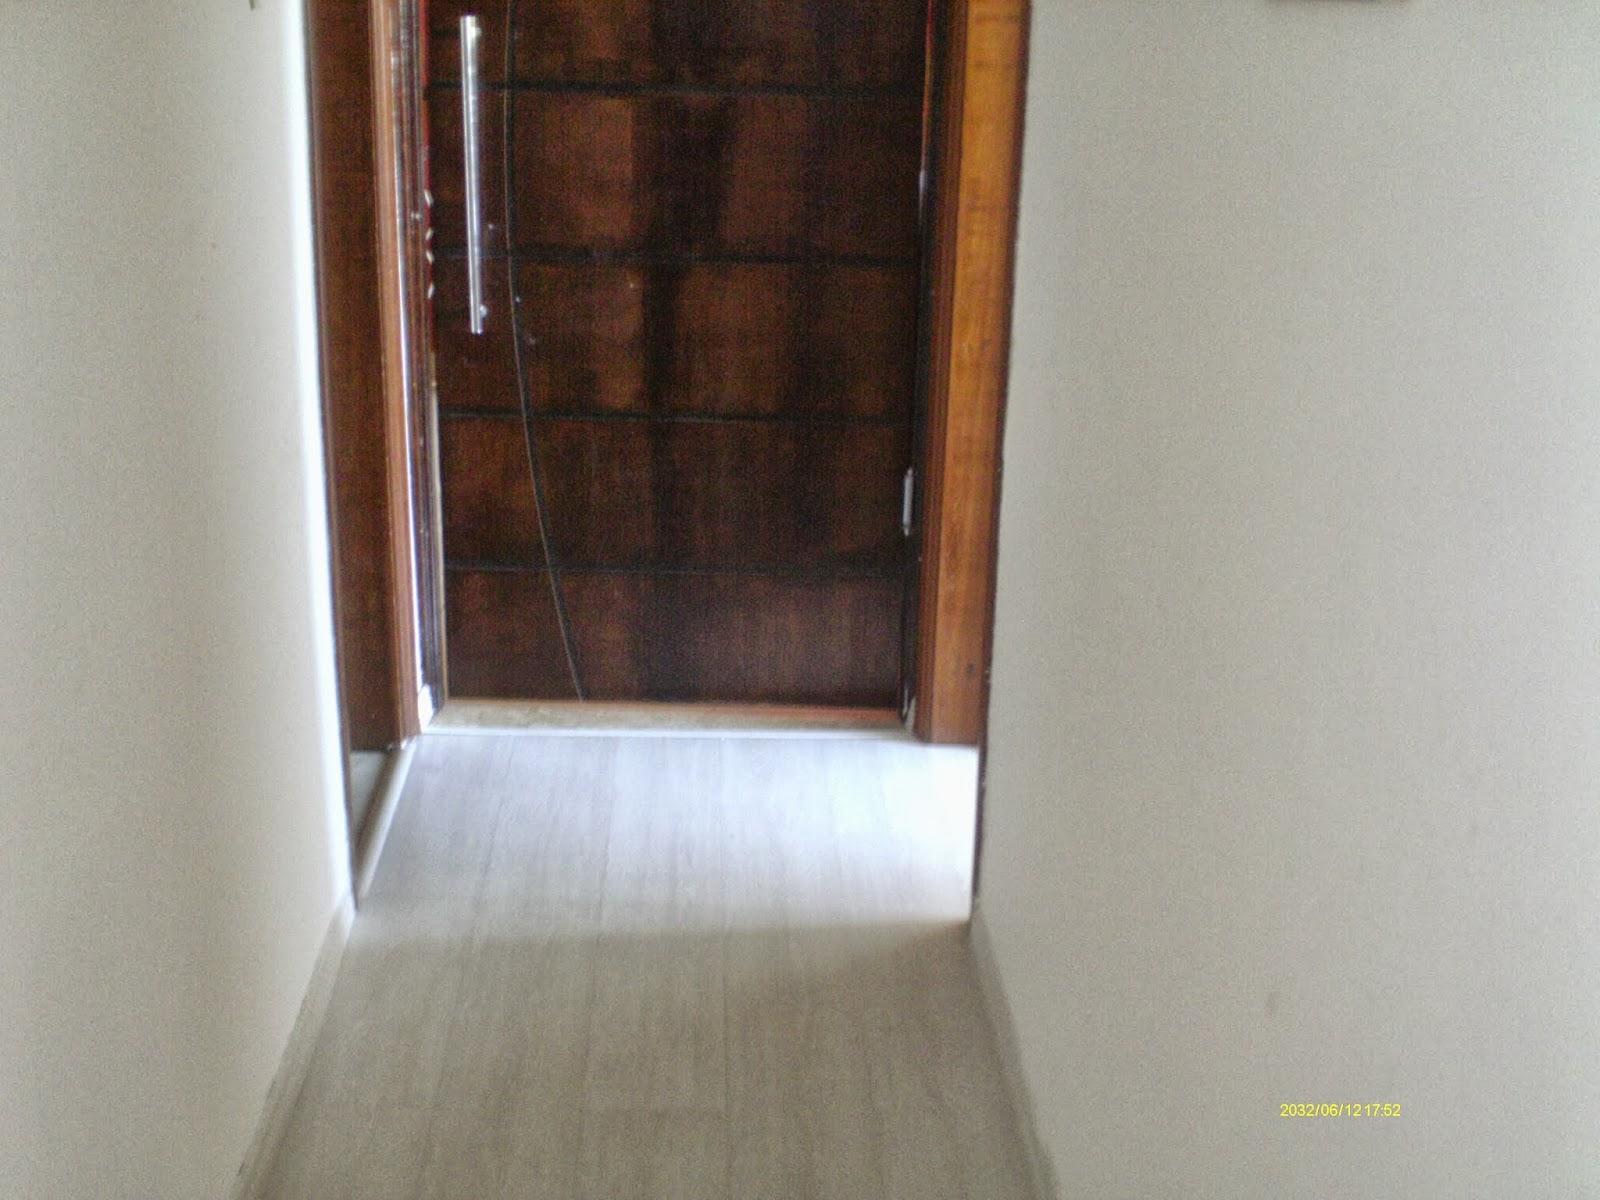 Imagens de #A0652B Casa Cocotá Ilha do Governador Avelino Freire Imóveis 1600x1200 px 2886 Box Banheiro Ilha Do Governador